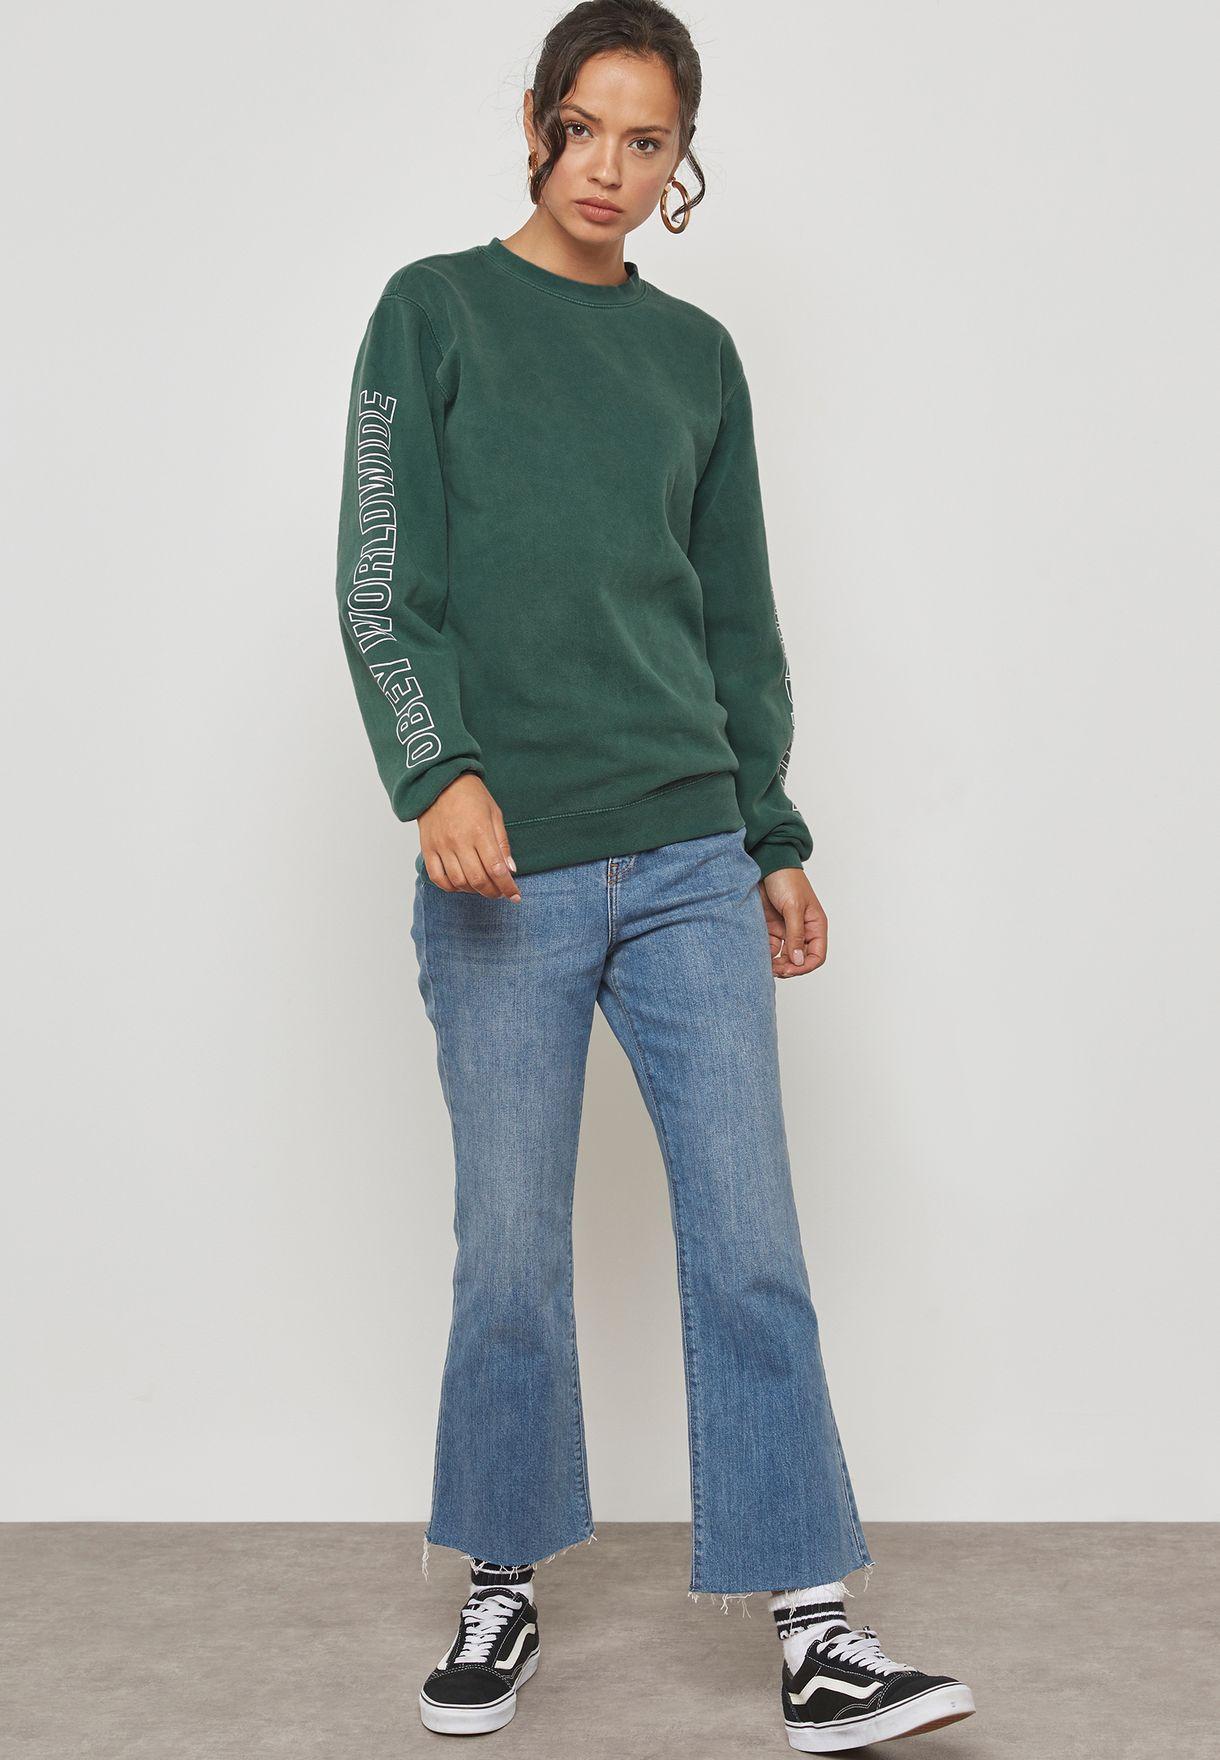 Slogan Sleeve Sweatshirt